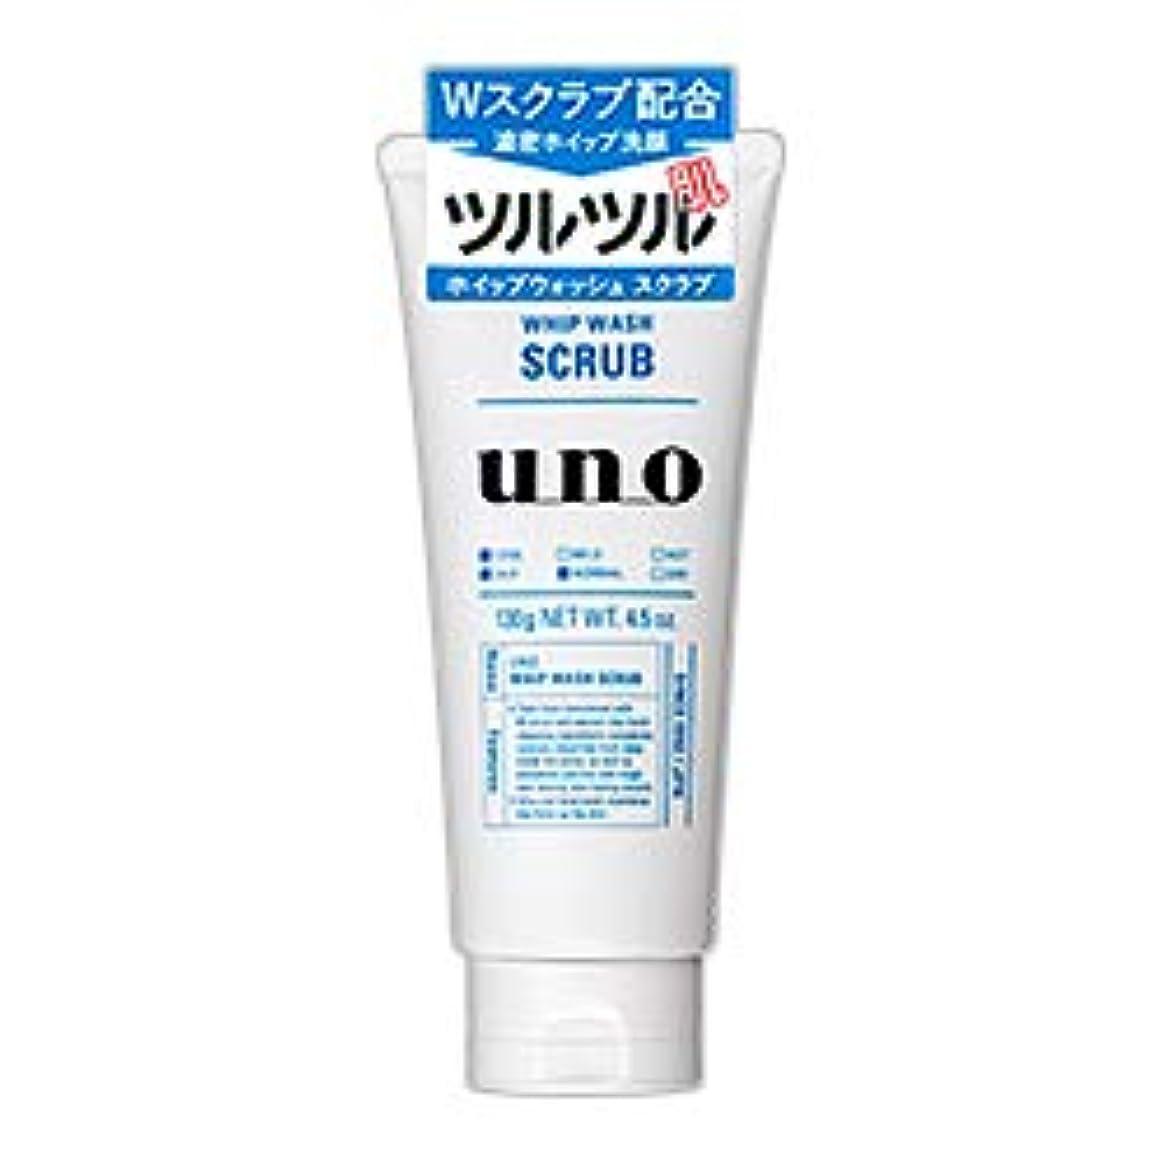 掃除復活させる和【資生堂】ウーノ(uno) ホイップウォッシュ (スクラブ) 130g ×4個セット